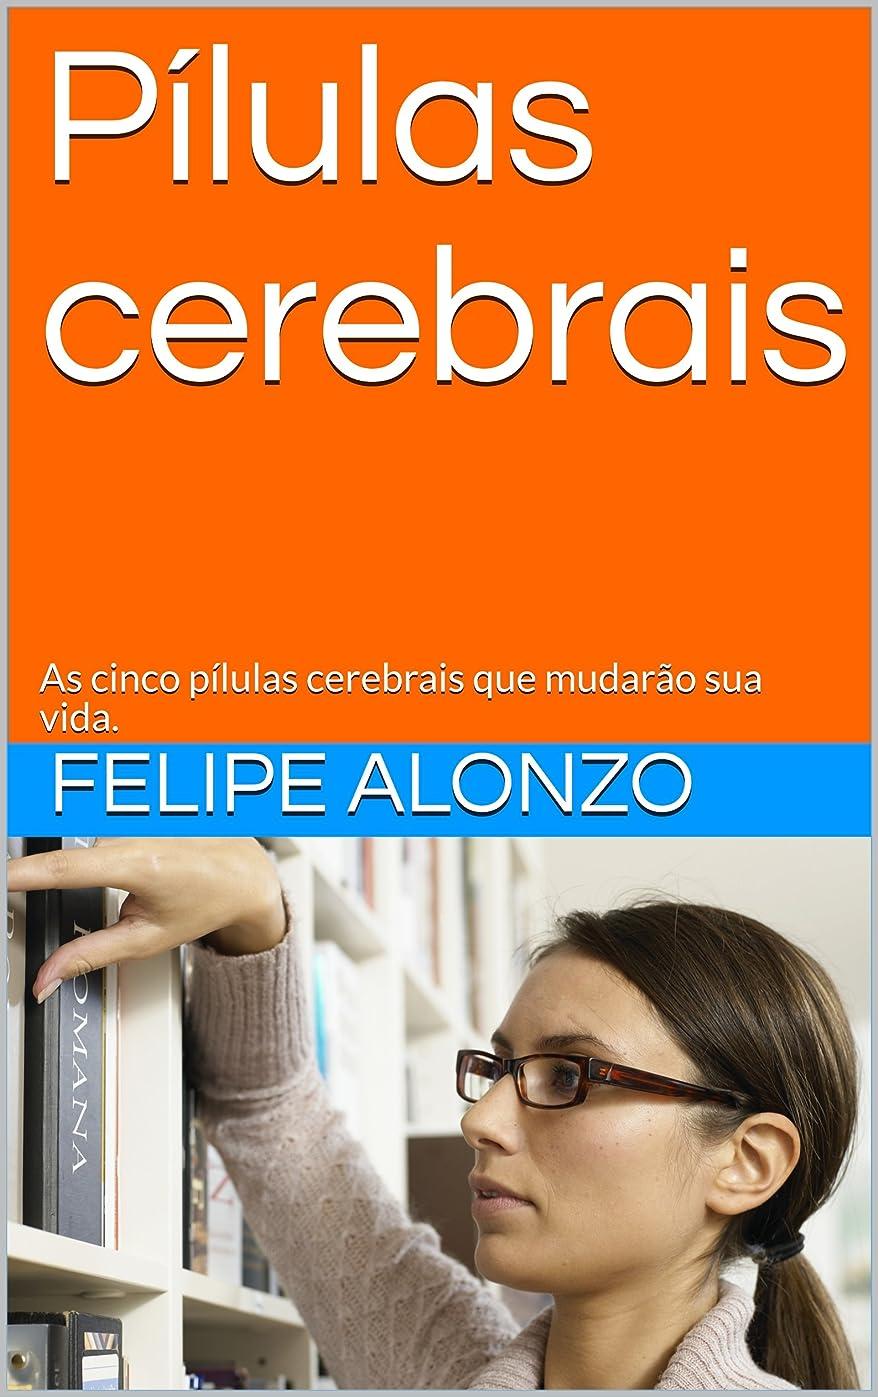 フェザー科学ミスペンドPílulas cerebrais: As cinco pílulas cerebrais que mudar?o sua vida. (Portuguese Edition)